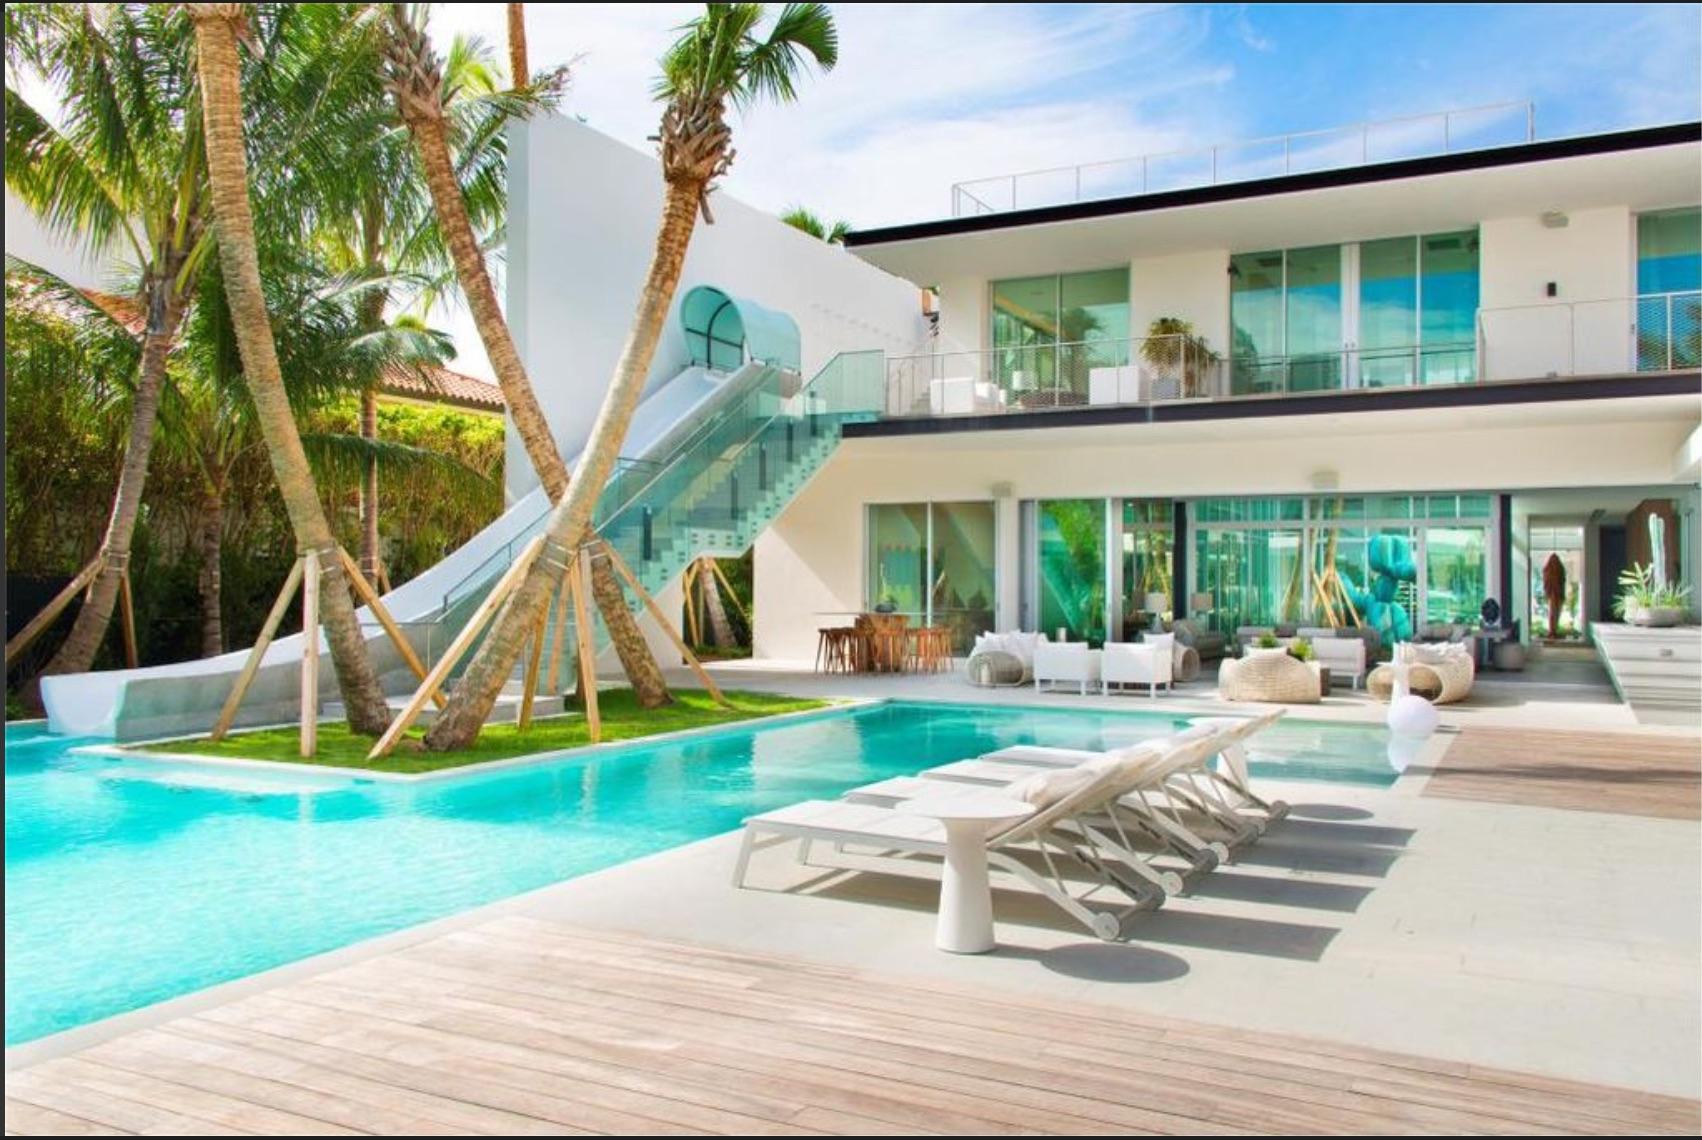 Une Somptueuse Villa Au Design Moderne Avec Un Toboggan De ... destiné Toboggan Piscine Particulier